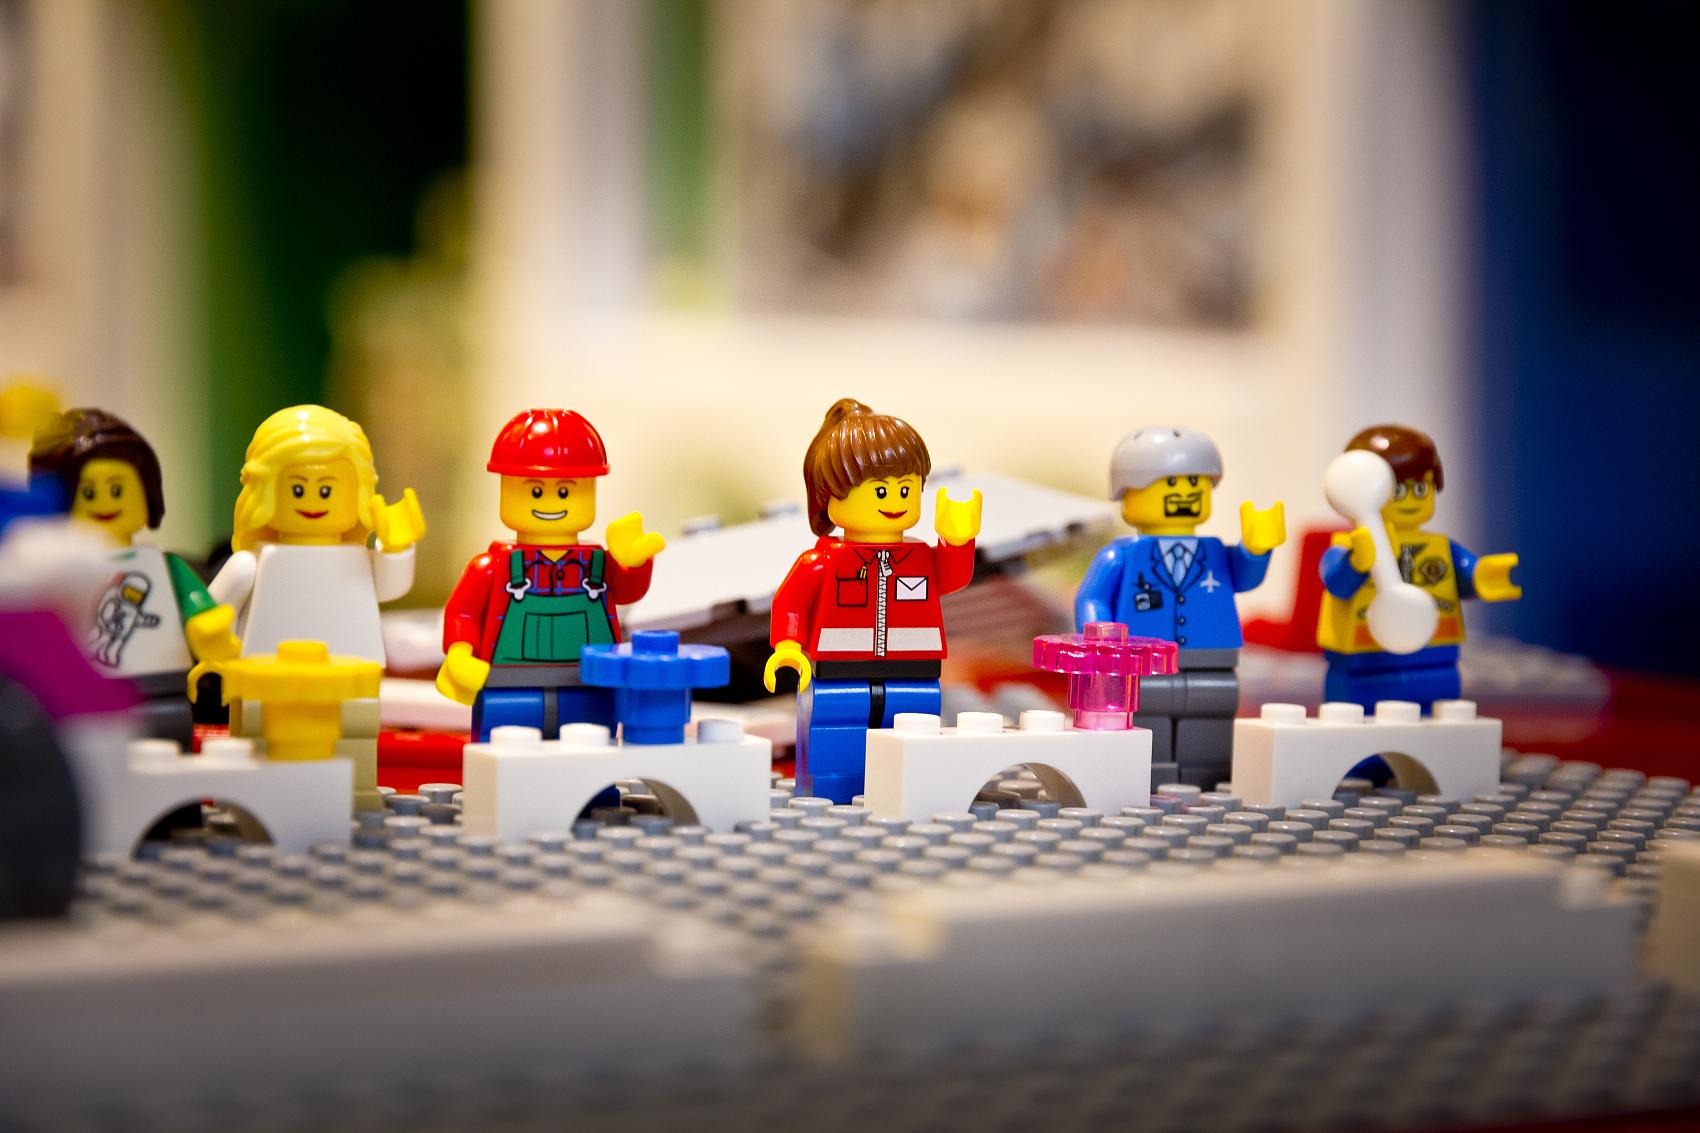 积木王国80年商业传奇:从小木工厂到全球最大玩具制造商 乐高创始人